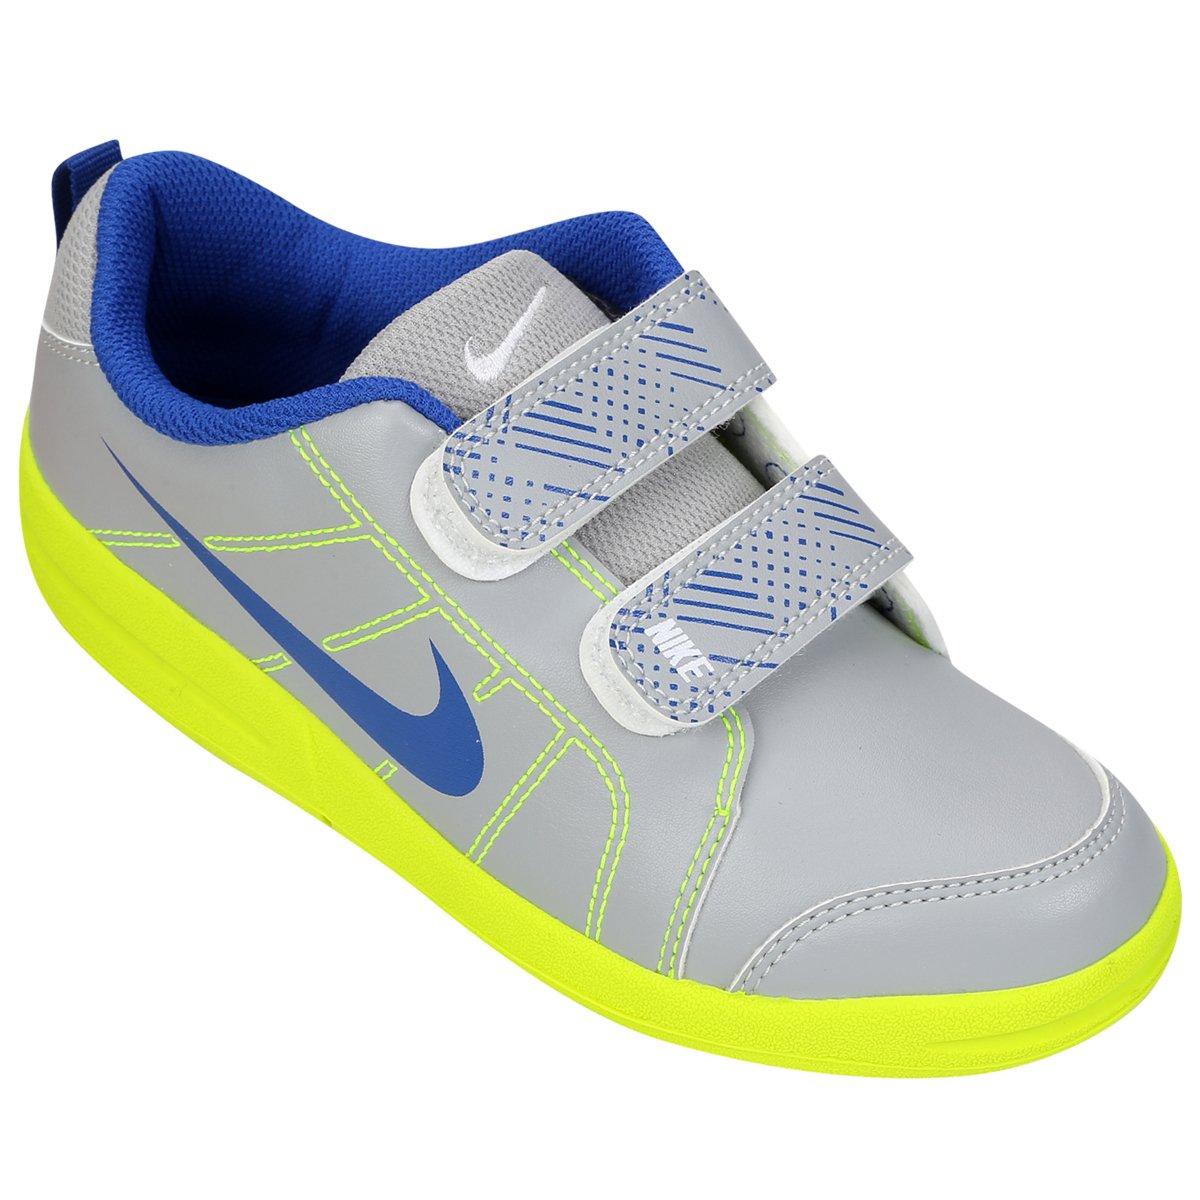 ab993043eeb Tênis Infantil Nike Pico Lt - Cinza e Azul - Compre Agora